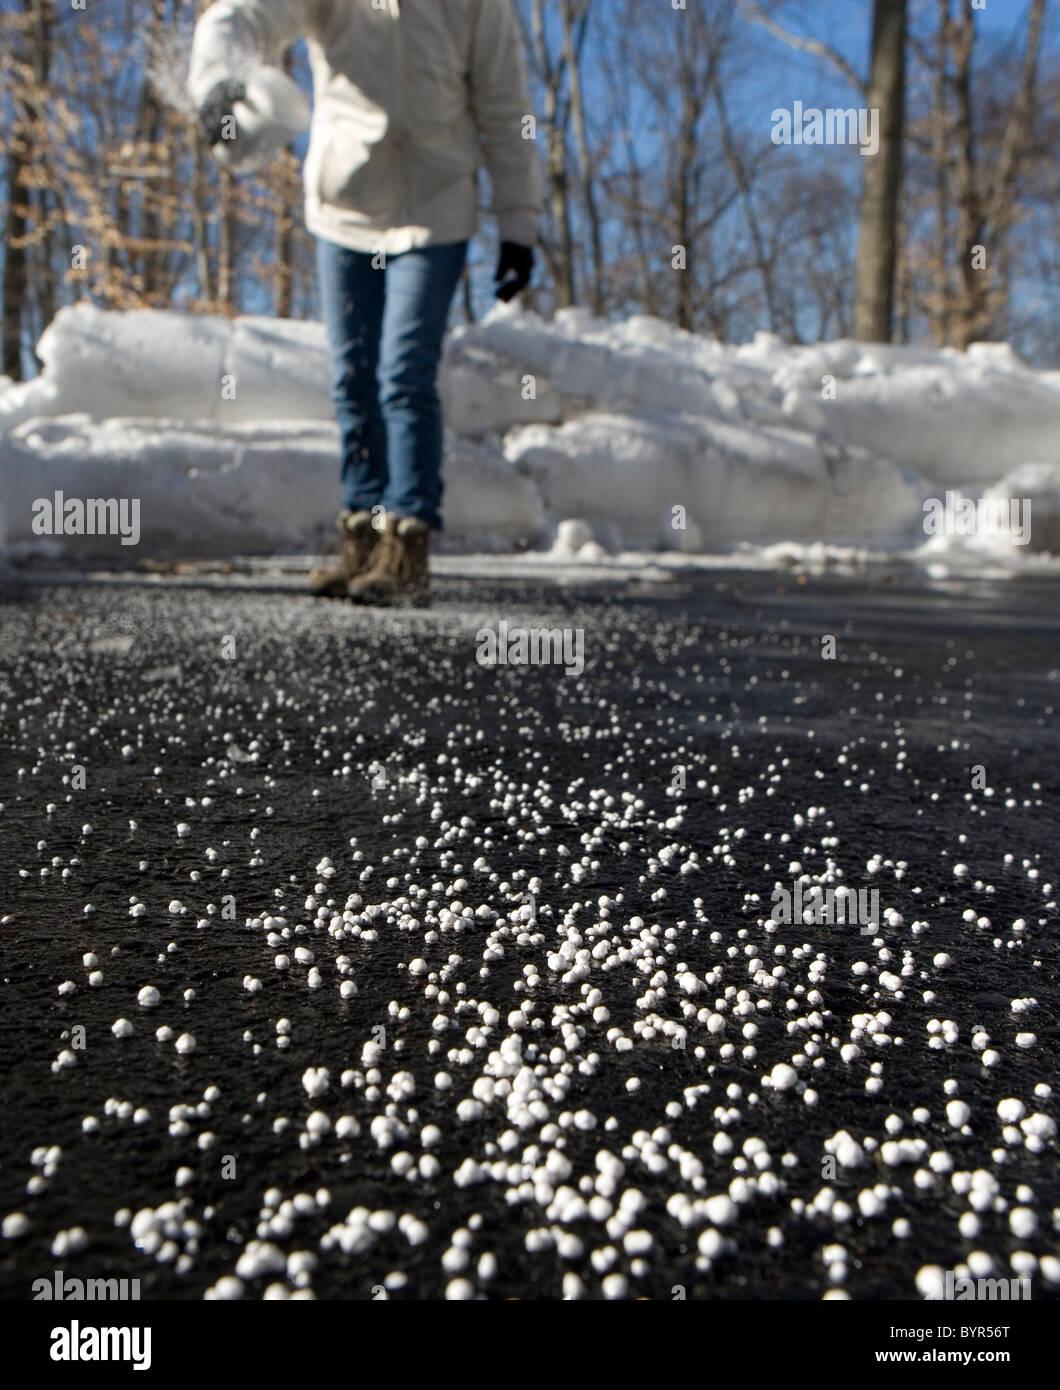 Une femme de jeter du sel sur une voie pour faire fondre la glace et la neige Banque D'Images